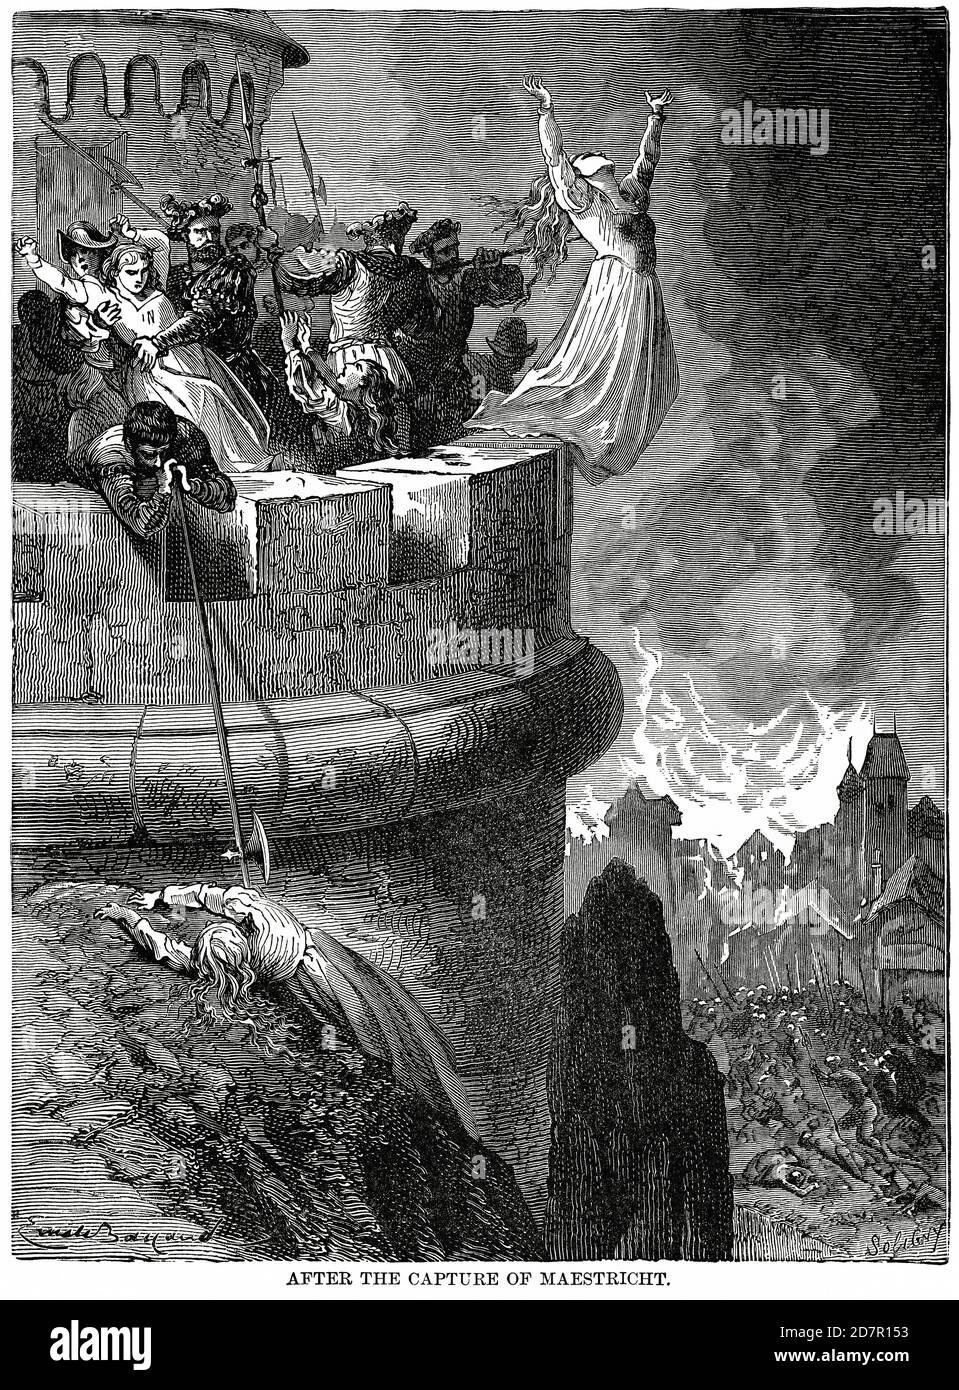 Après la capture de Maetricht (Maastricht), Illustration, Histoire du monde de Ridpath, Volume III, par John Clark Ridpath, LL. D., Merrill & Baker Publishers, New York, 1897 Banque D'Images